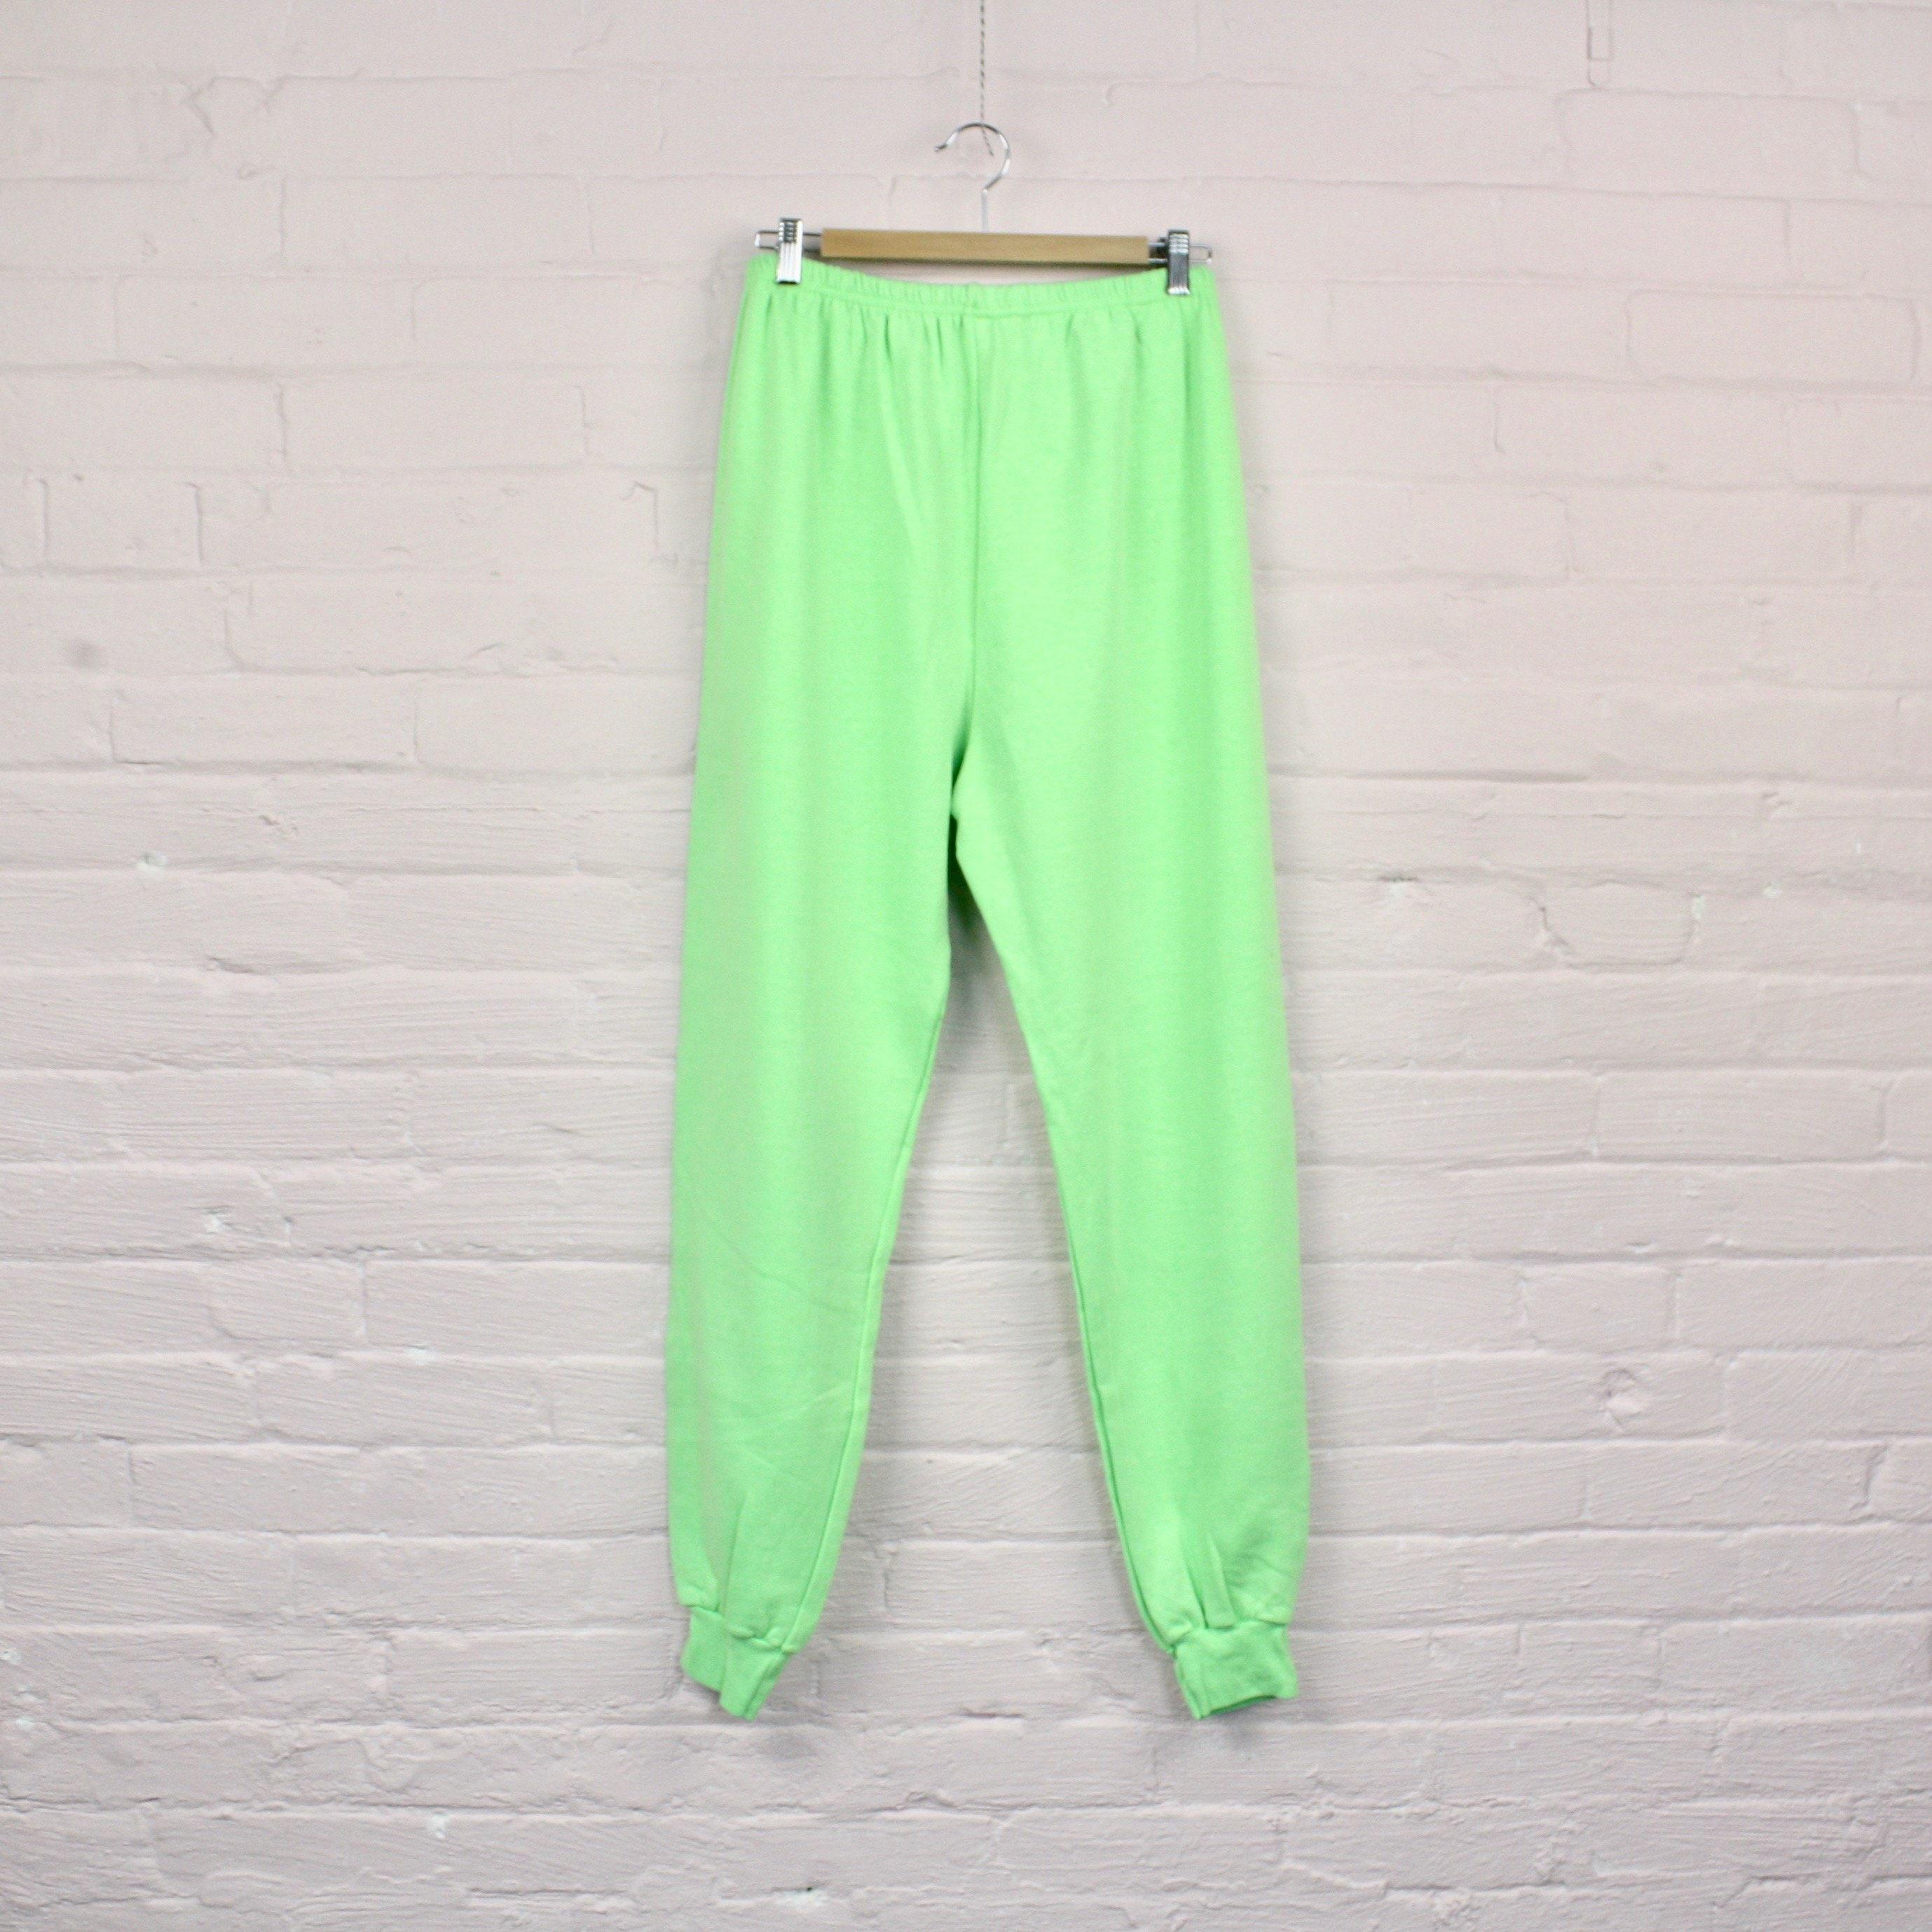 coton doux fluo vert pantalons de survêtement · lumineux de de lumineux  piste pantalon · néon 6ed2e4b42f3